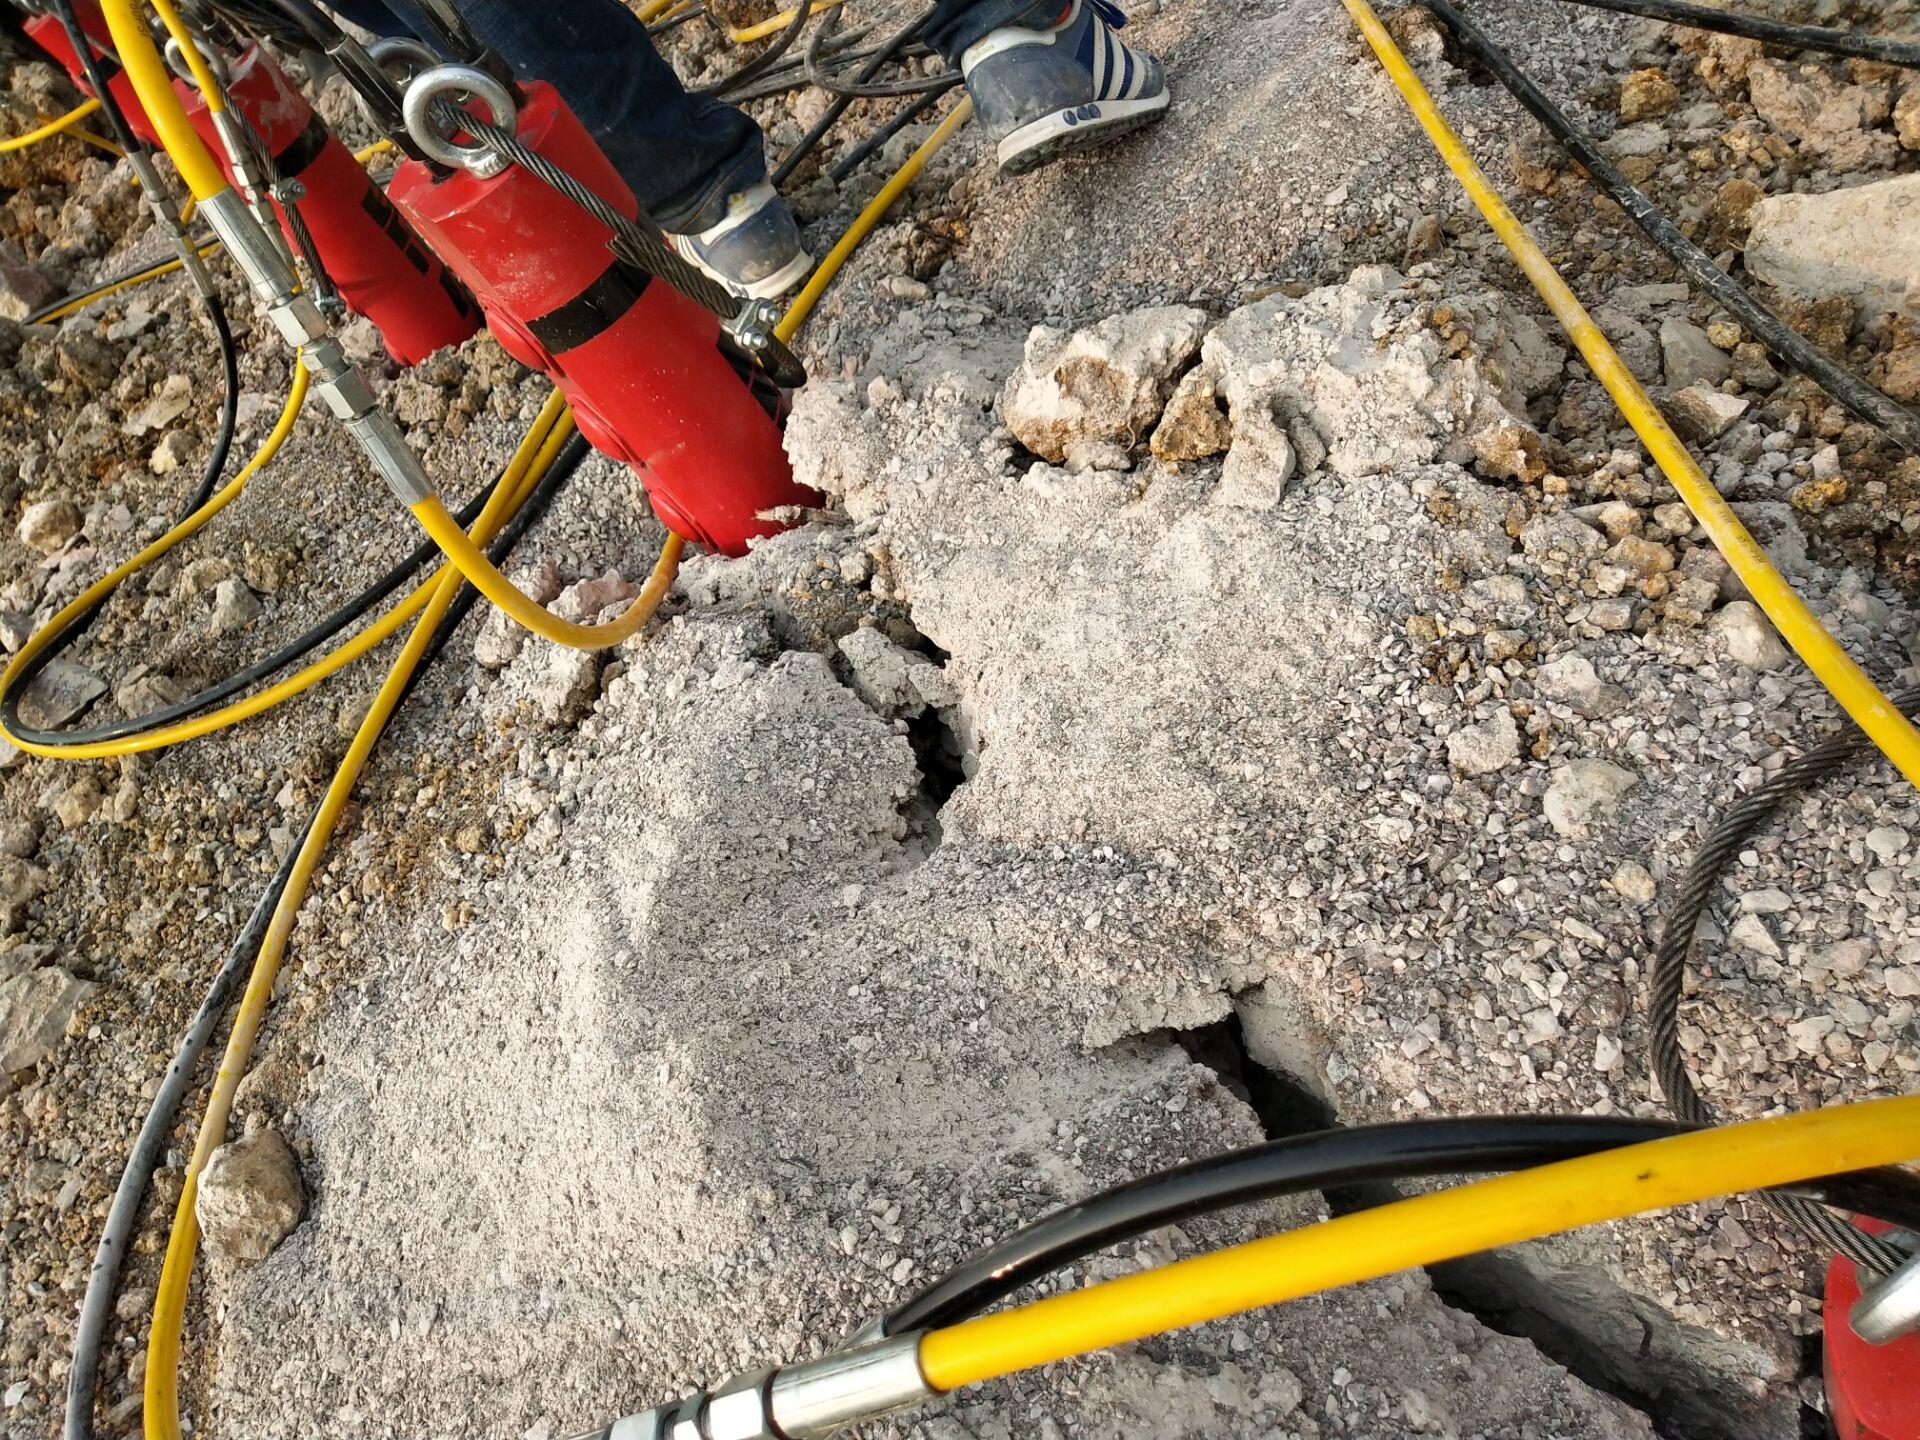 鹤岗有比破碎锤破石头快的机器使用效果